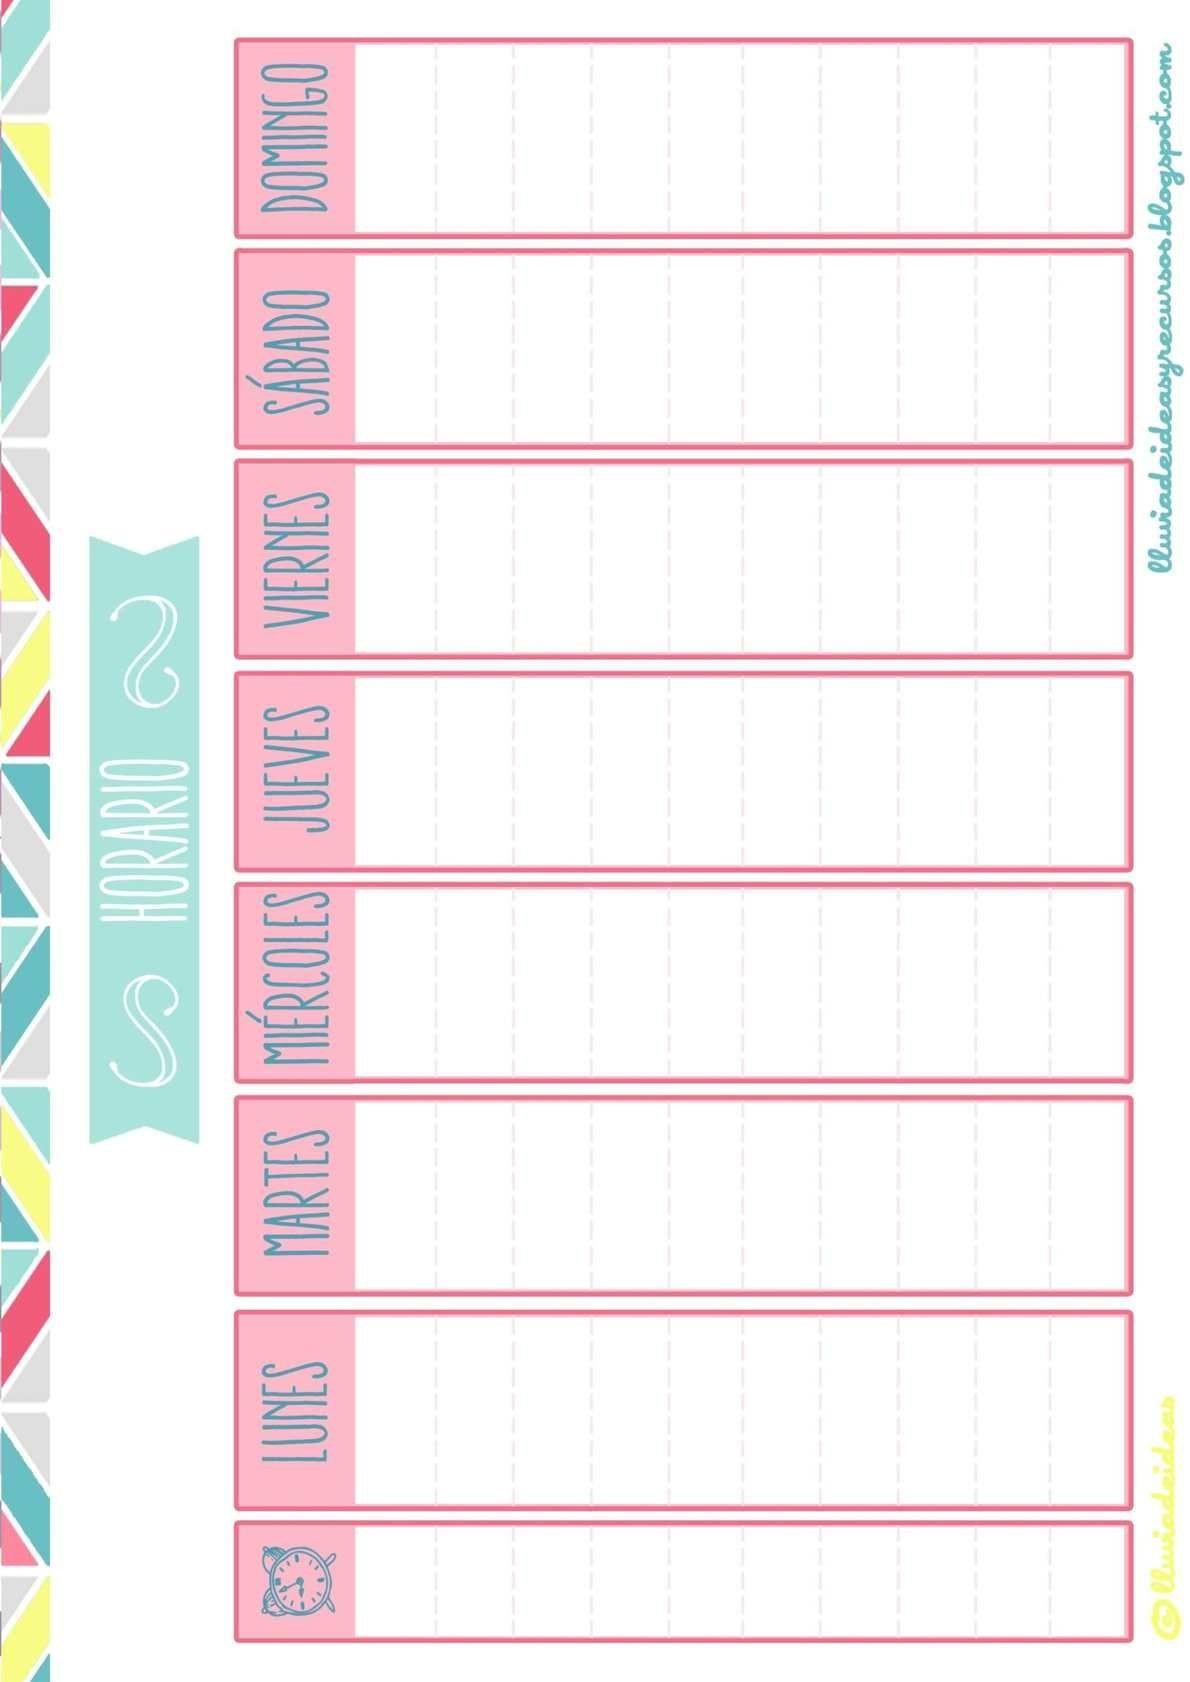 Calendario Escolar 2016 Y 2017 Para Imprimir Más Actual Calendario Semanal Gratis Listo Para Descargar